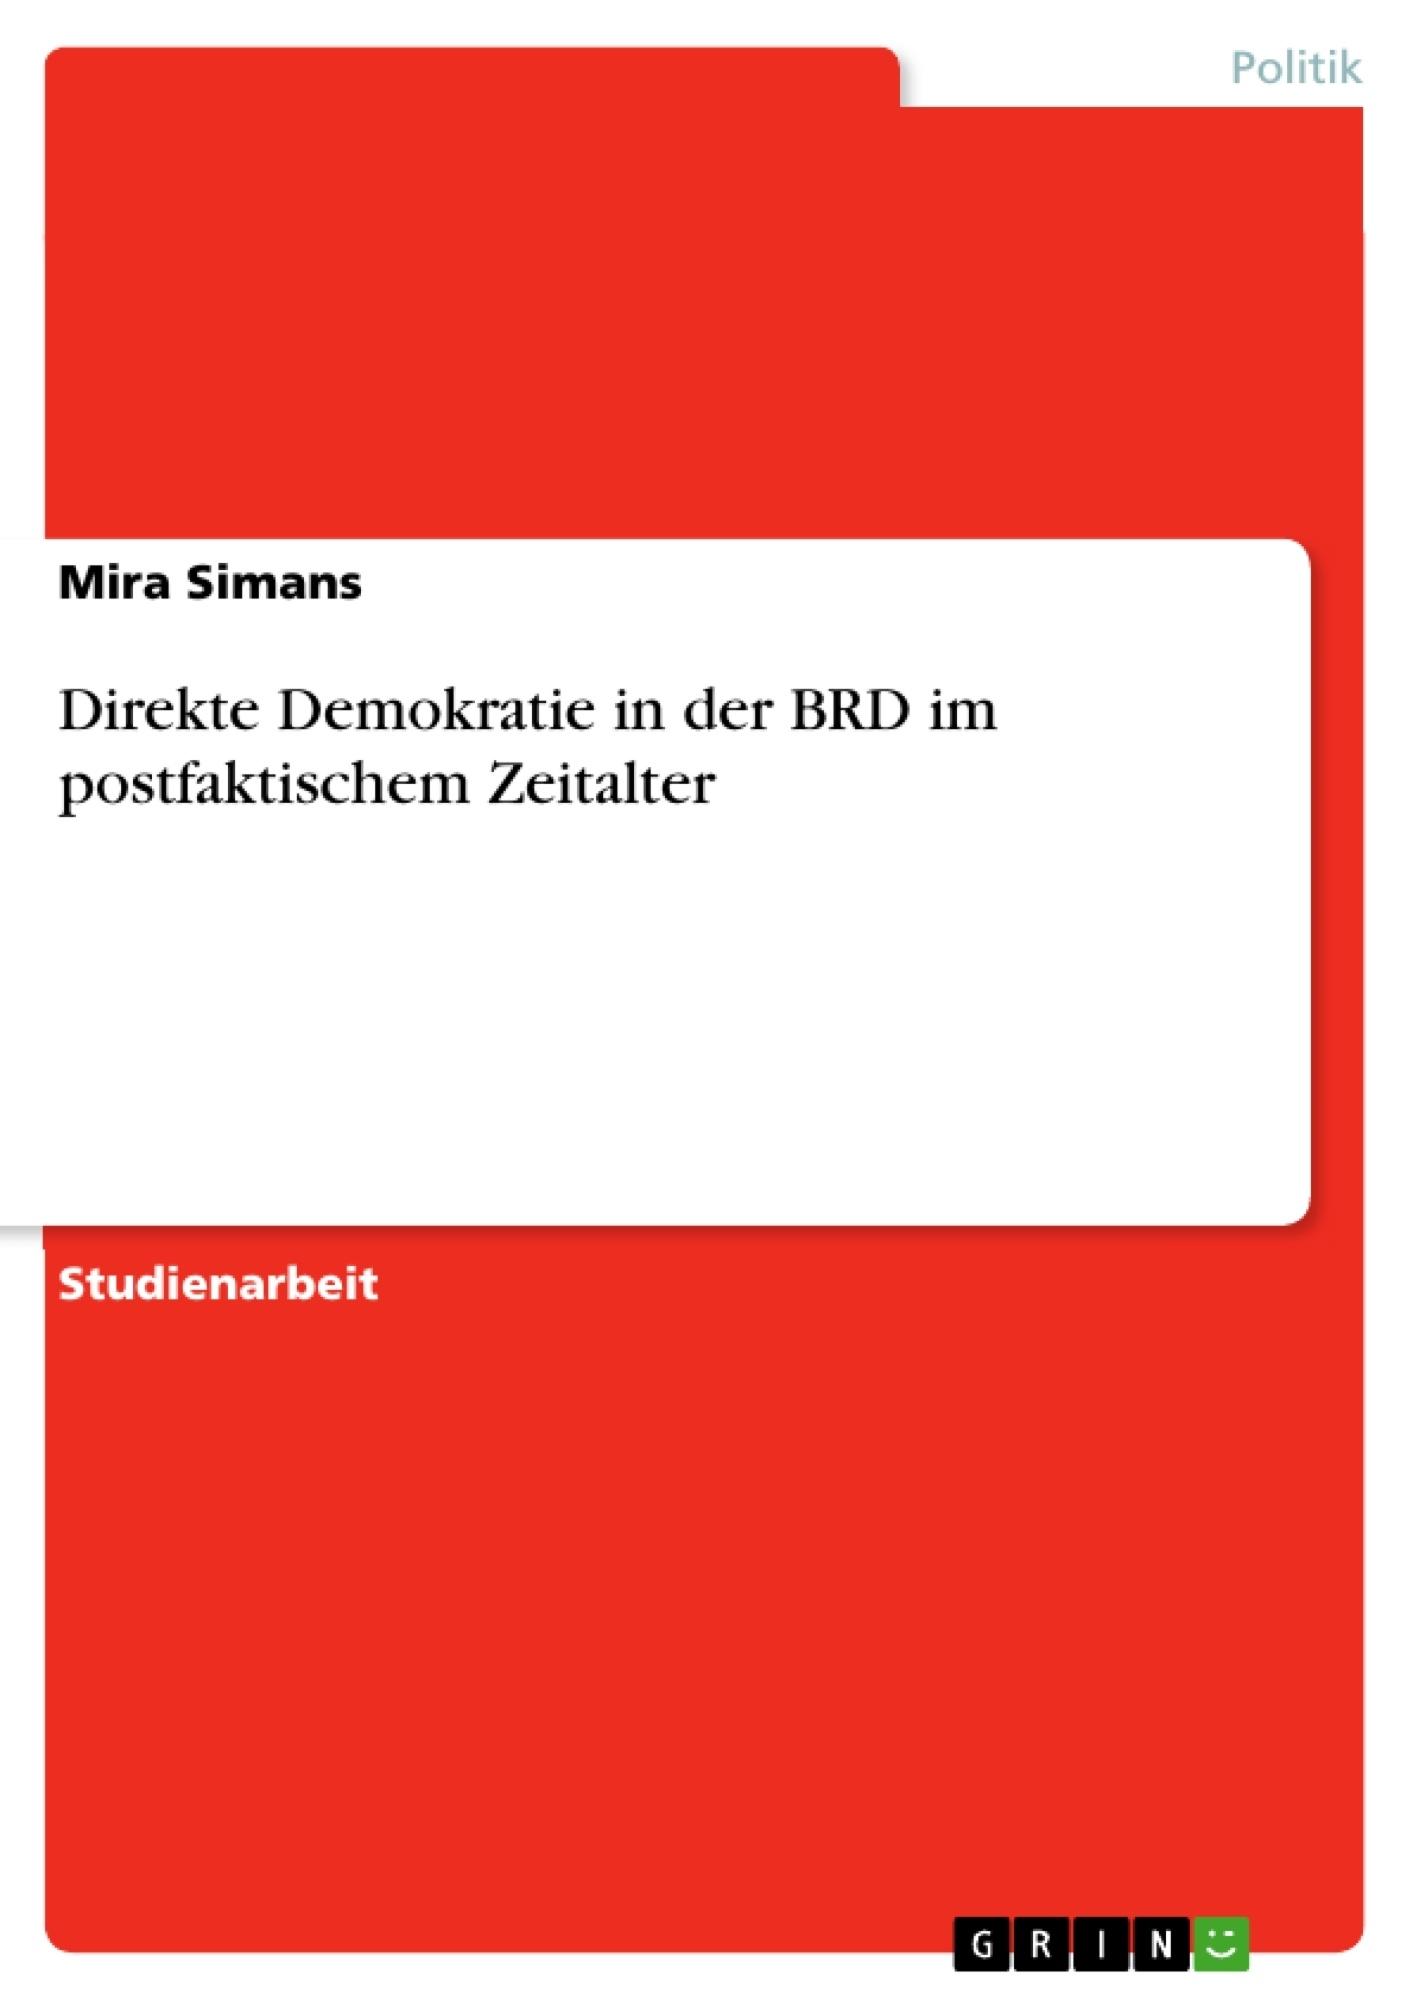 Titel: Direkte Demokratie in der BRD im postfaktischem Zeitalter